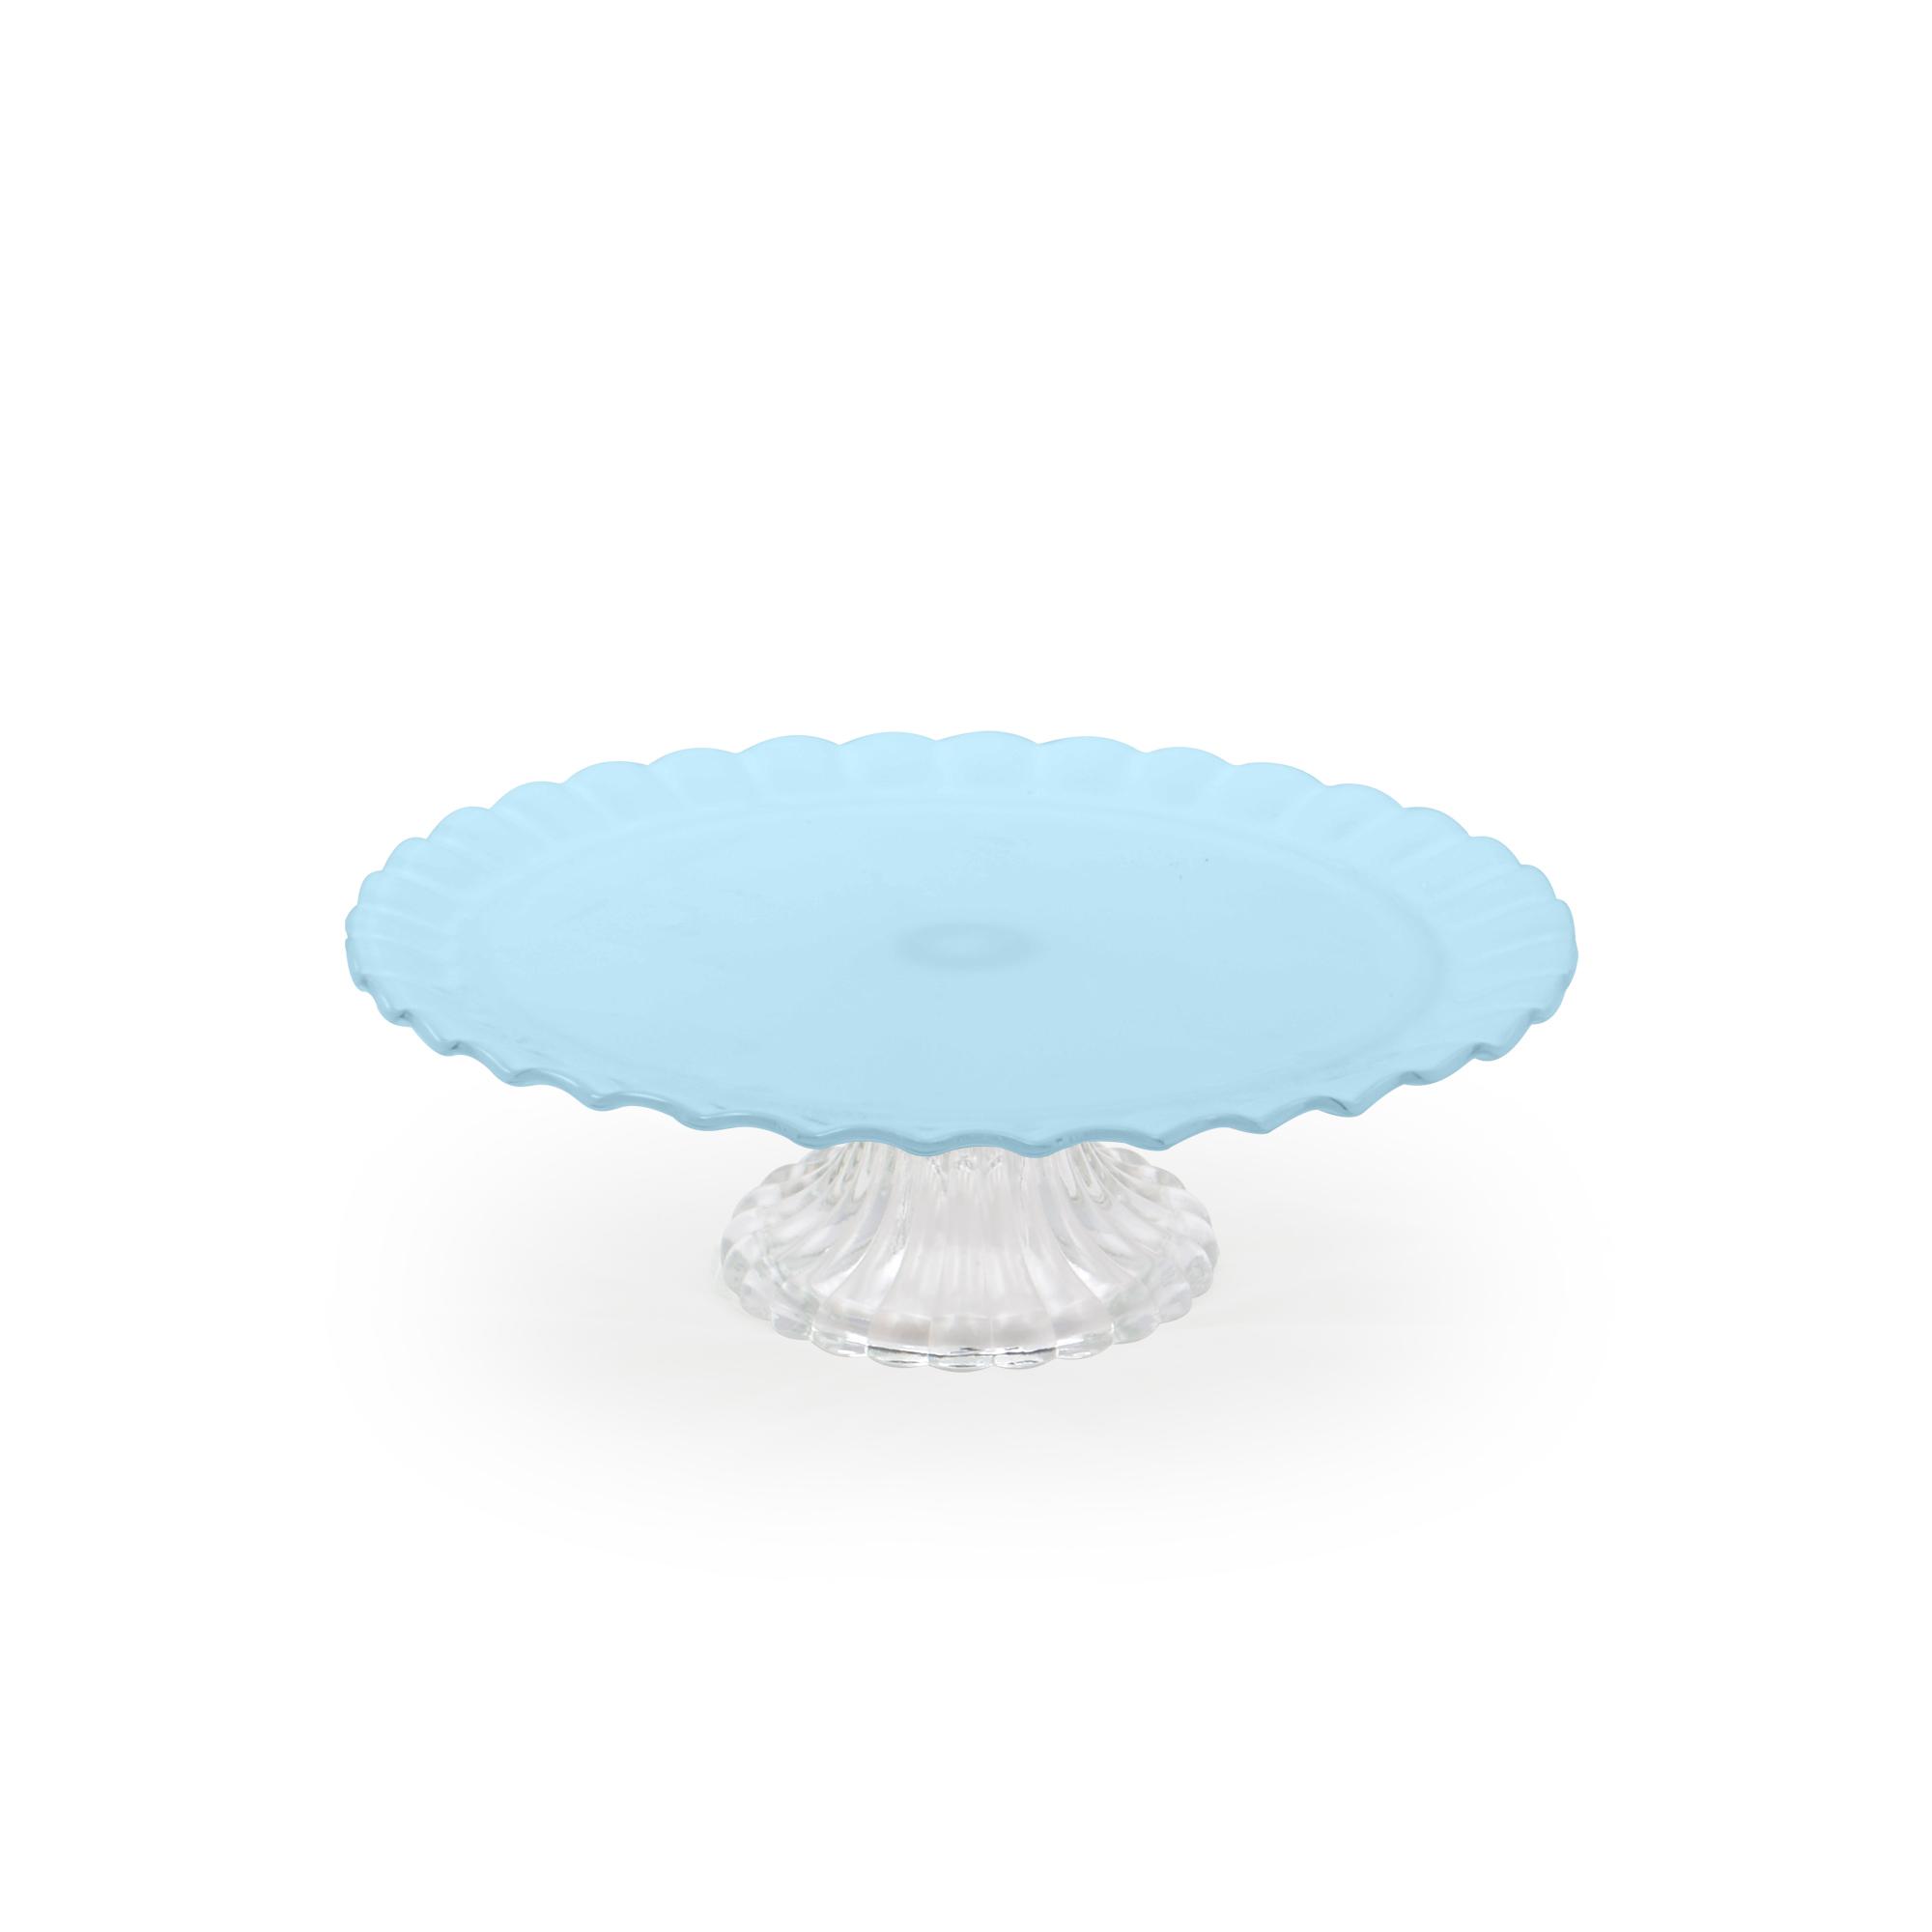 Boleira de vidro média azul